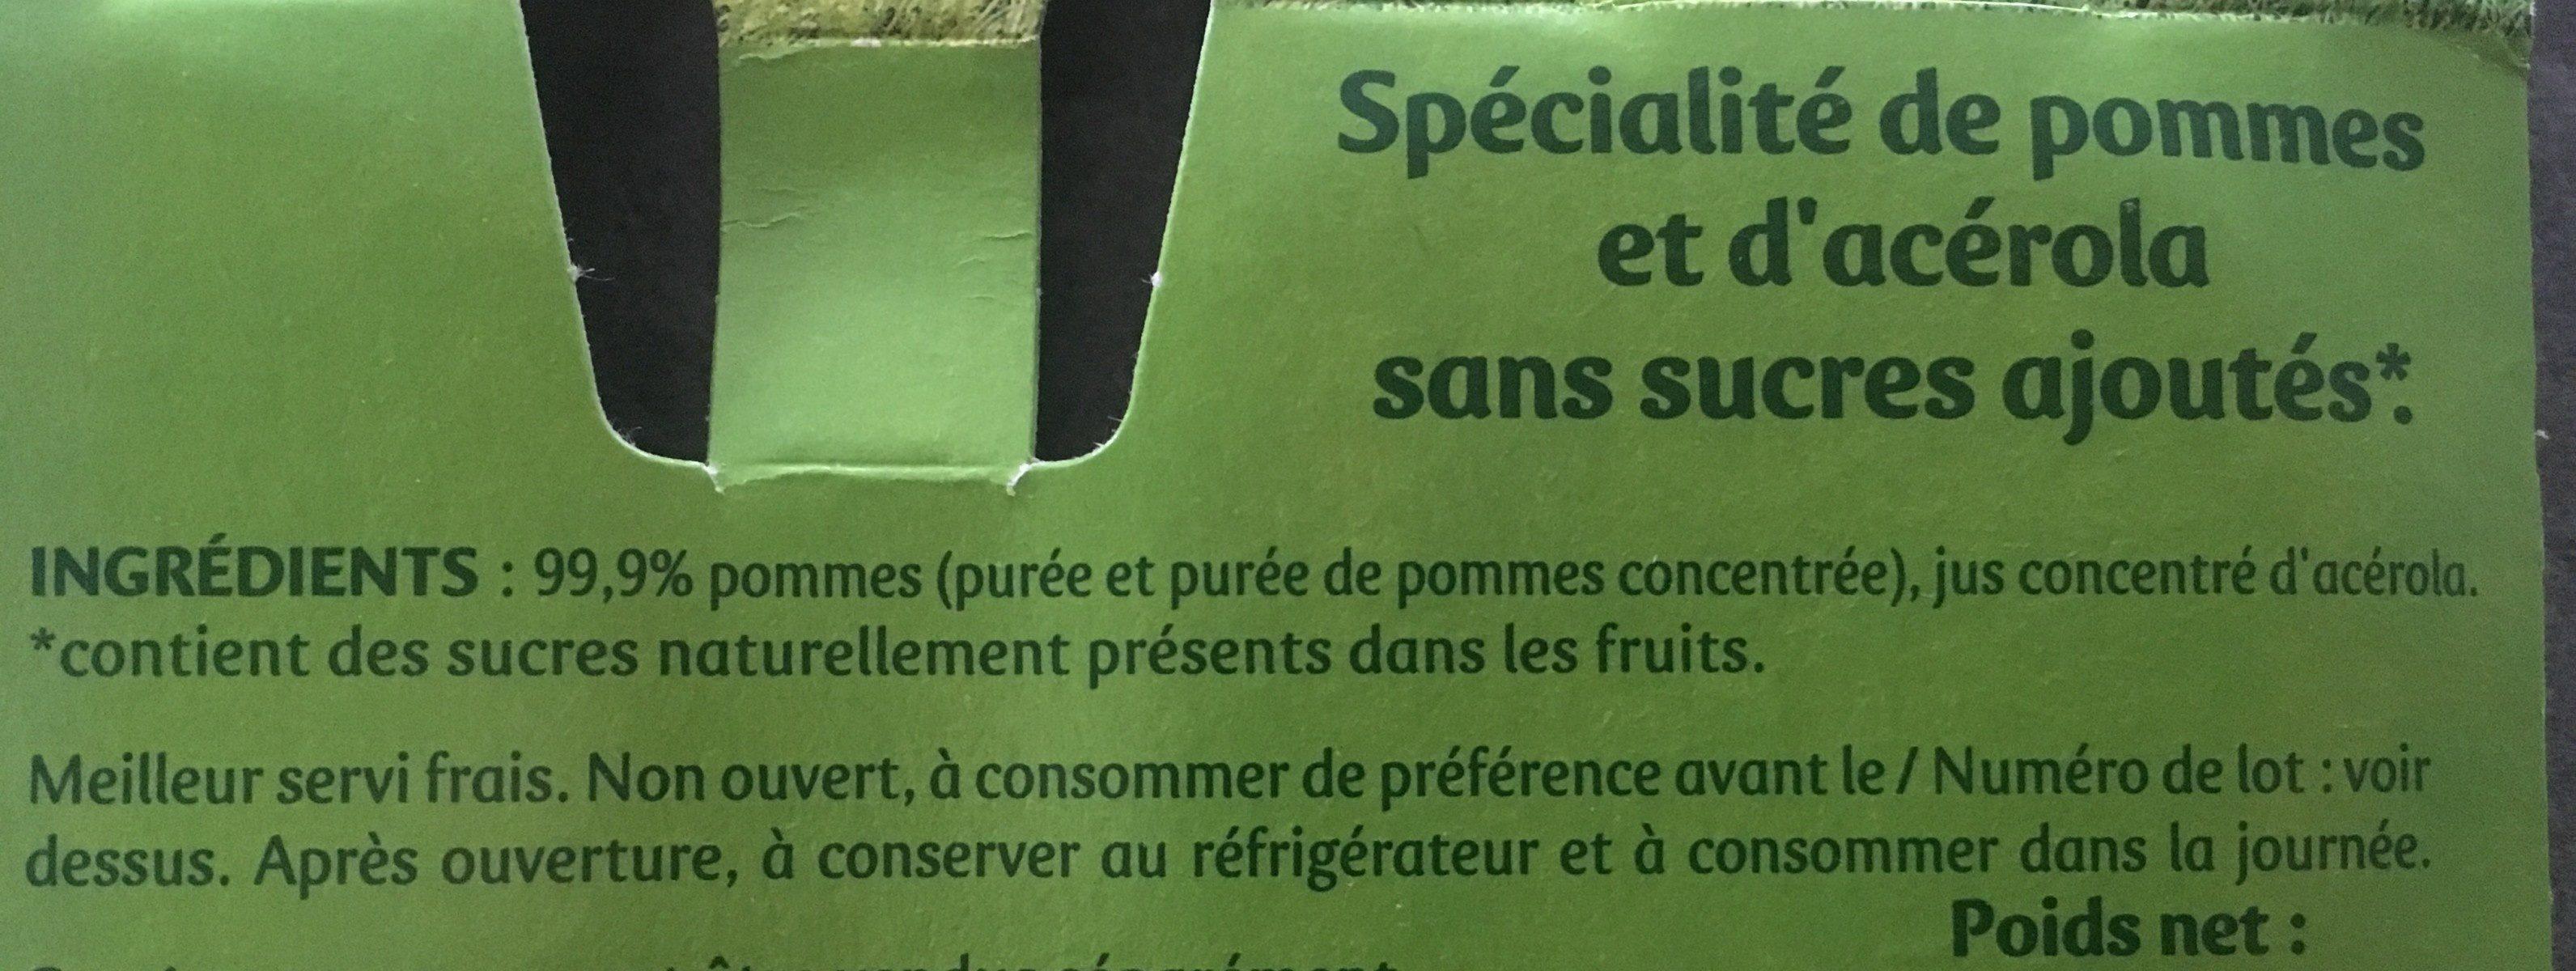 Pommes sans sucres ajoutés pomme - Ingredients